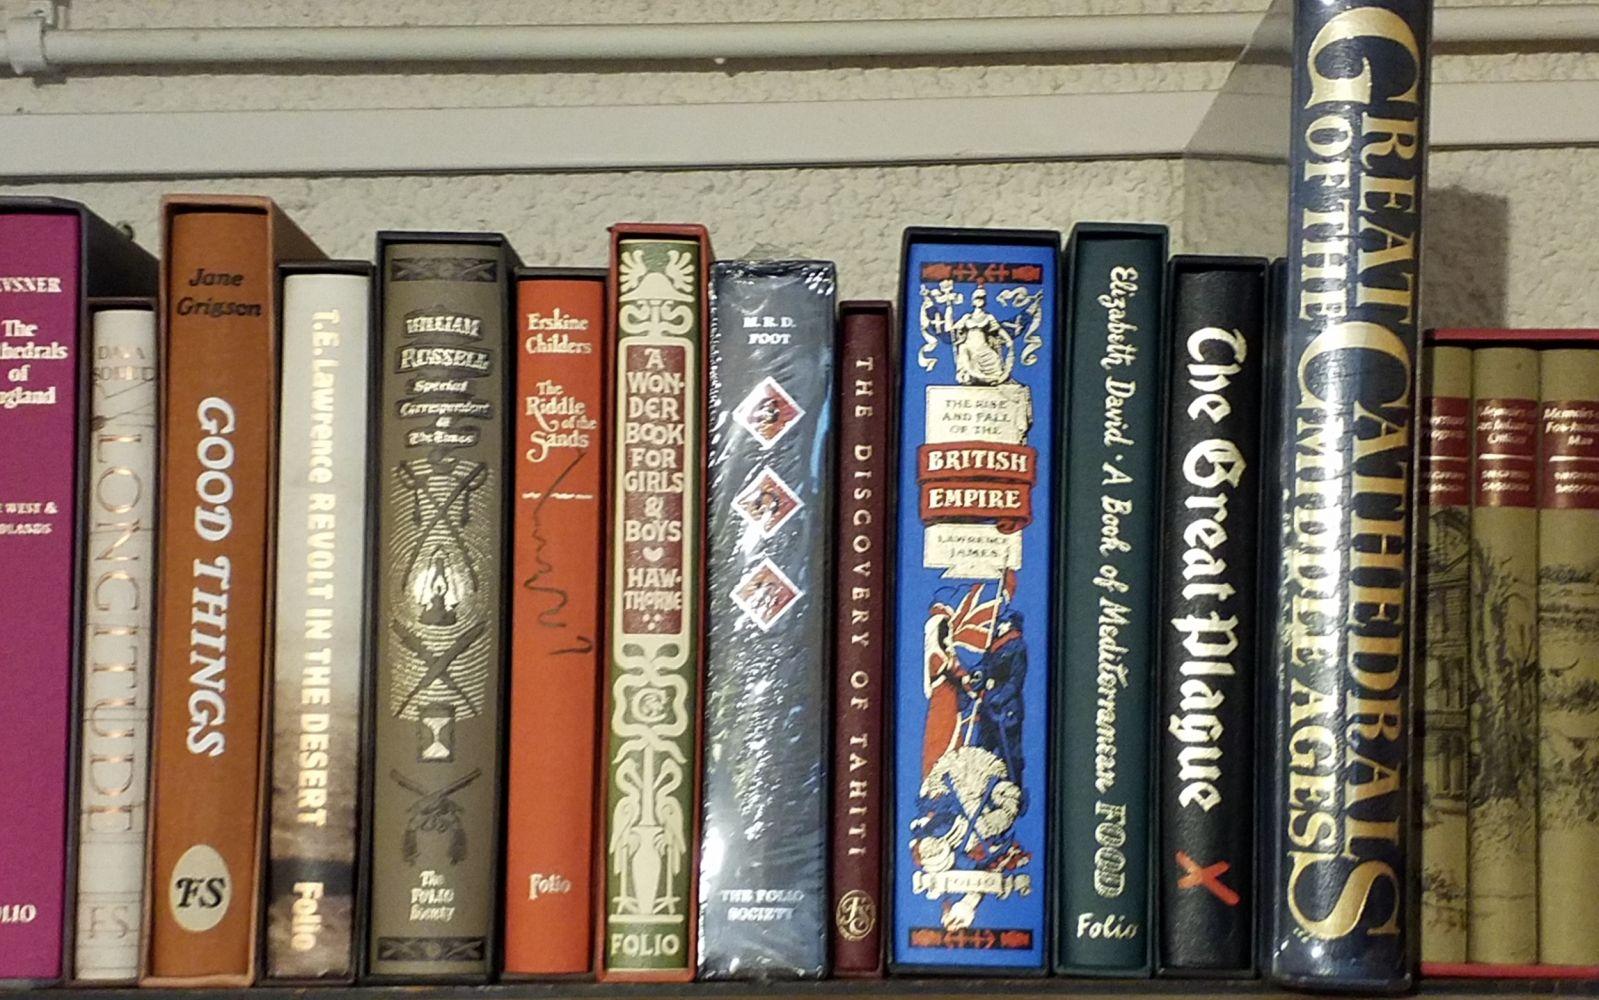 Folio Society. 78 volumes